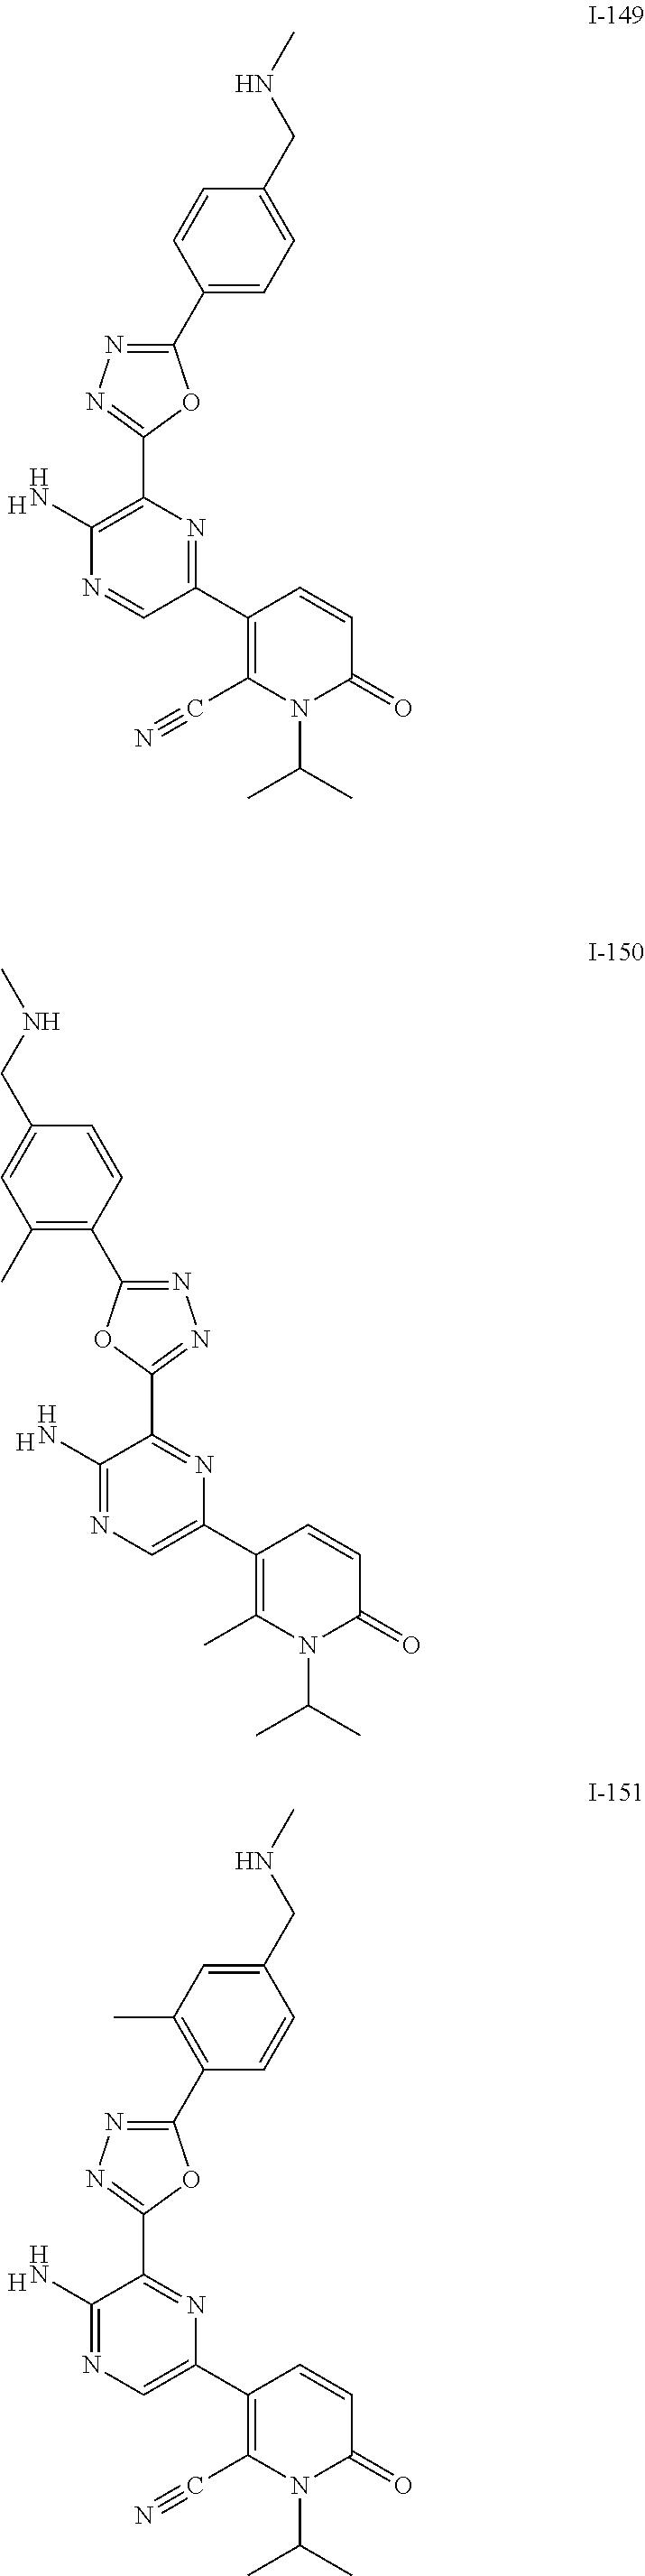 Figure US09630956-20170425-C00270